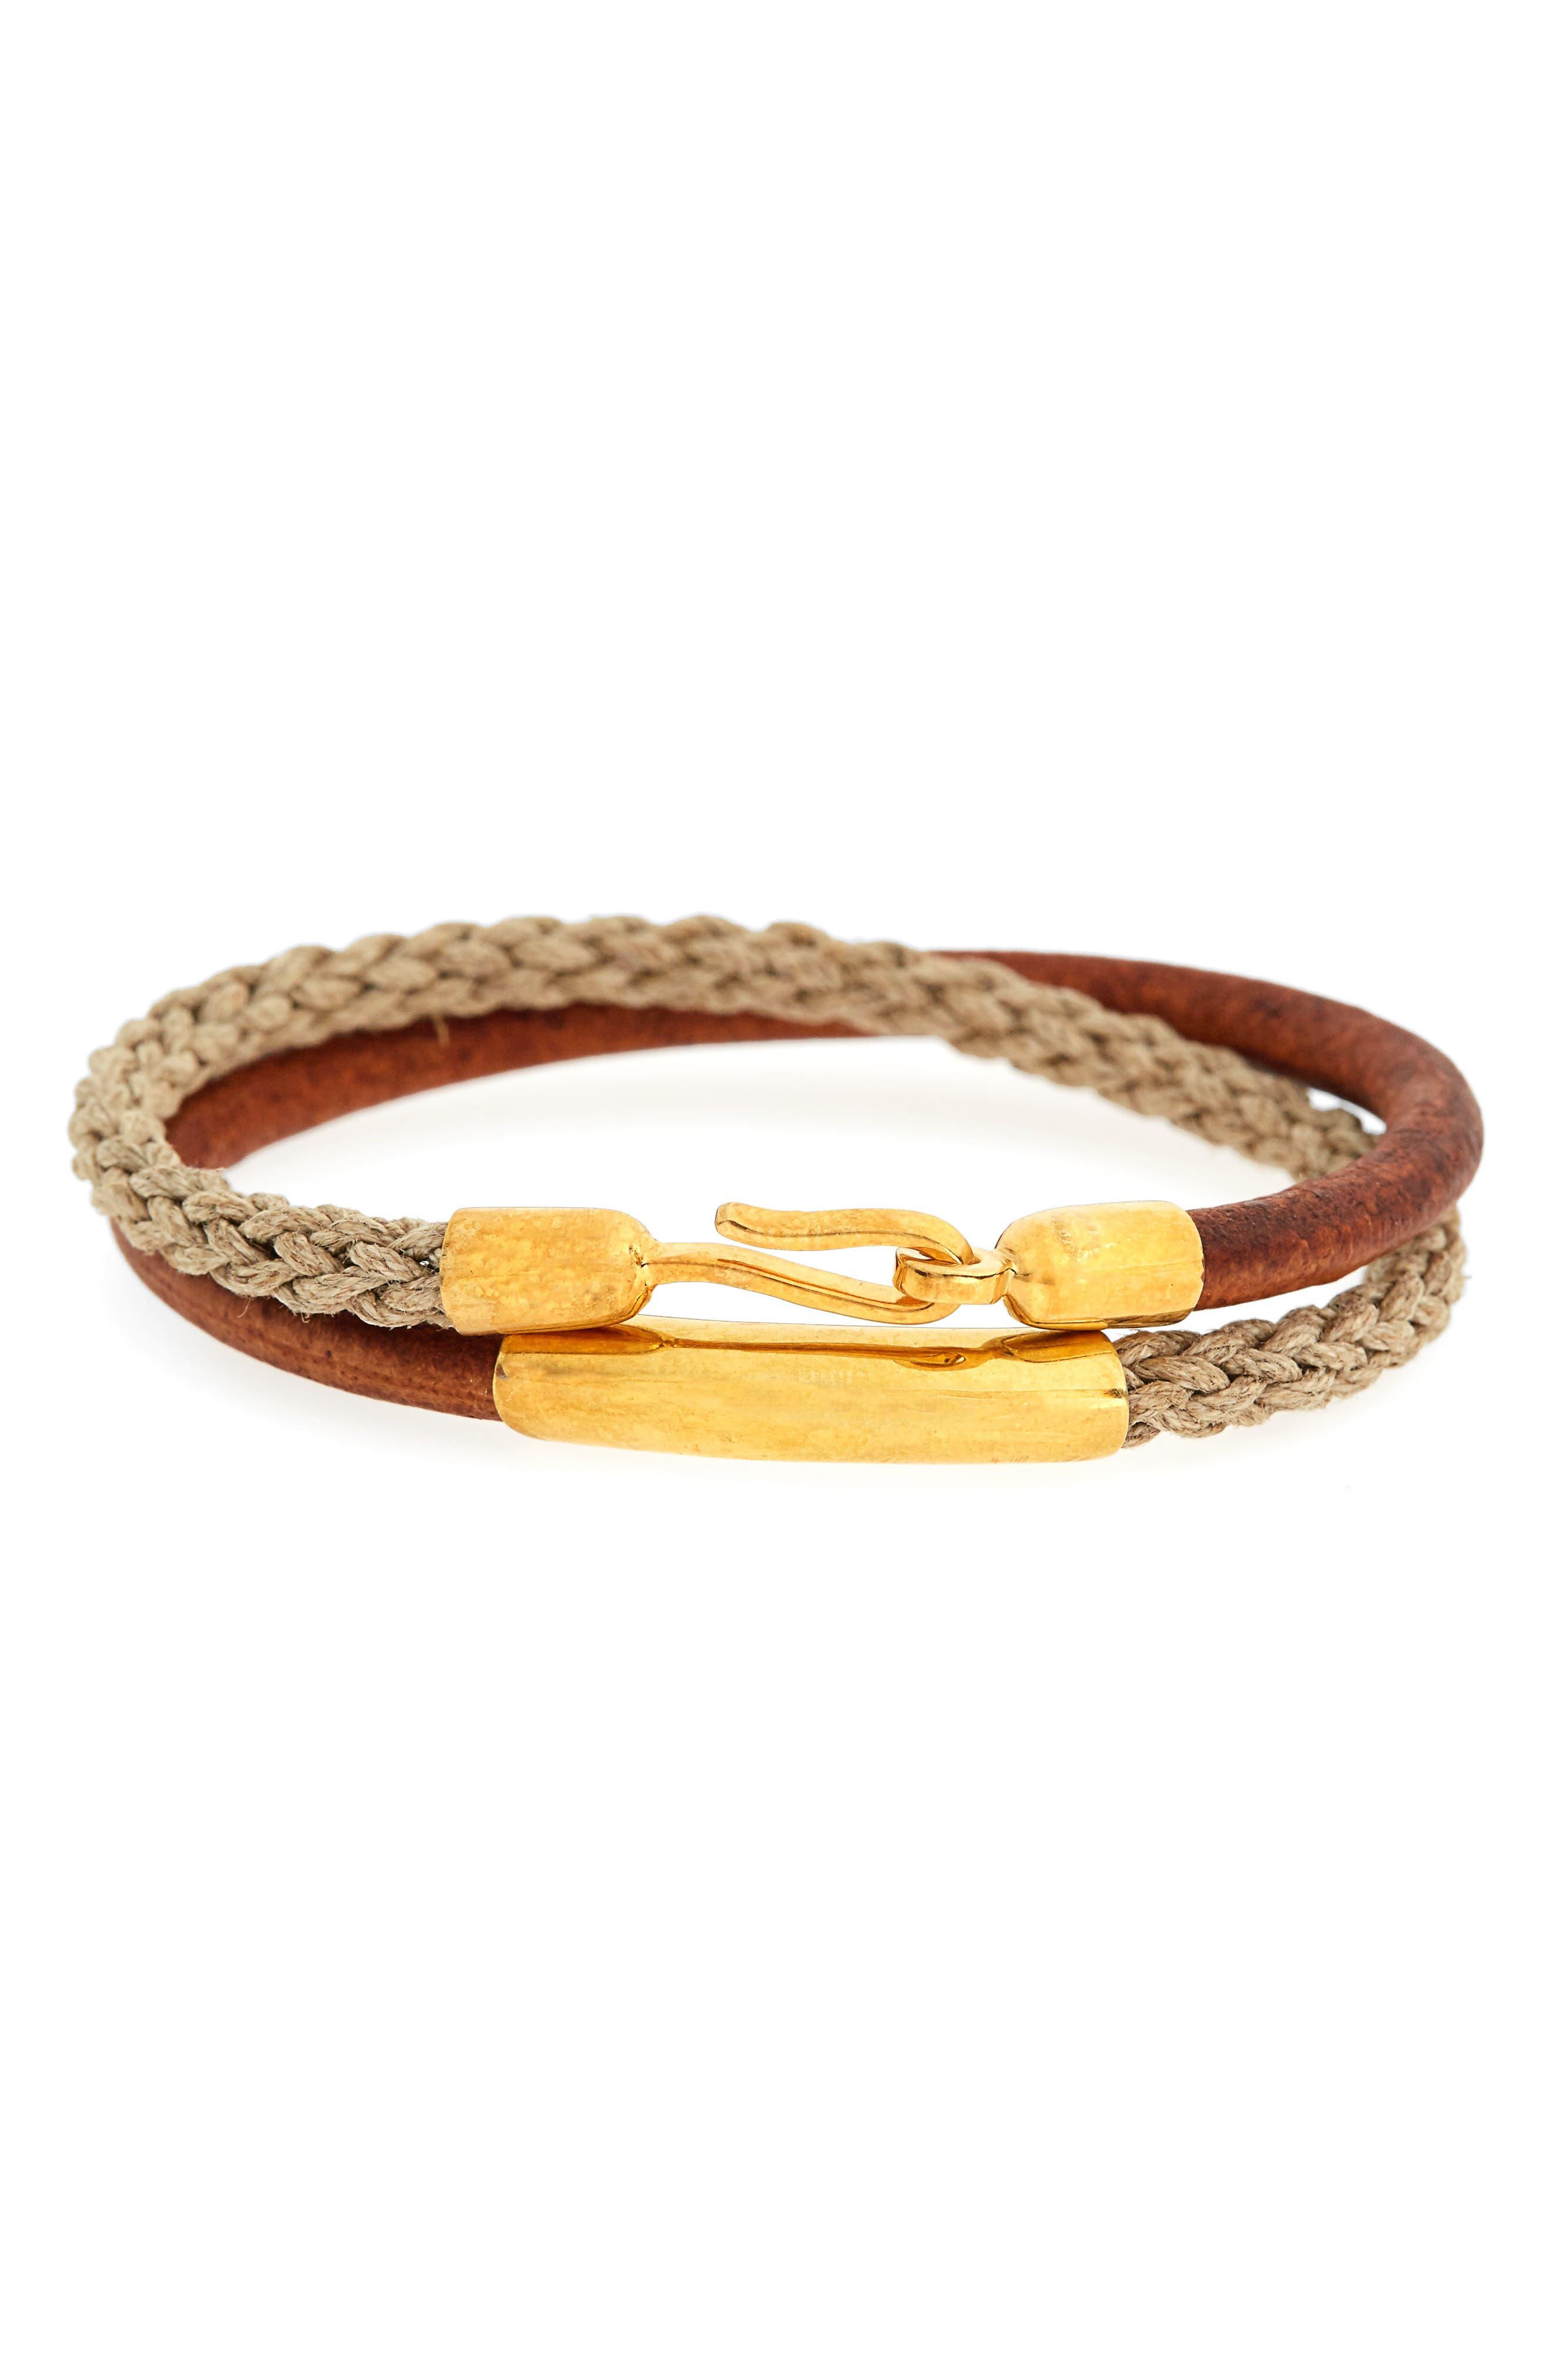 Leather & Jute Wrap Bracelet,                             Main thumbnail 1, color,